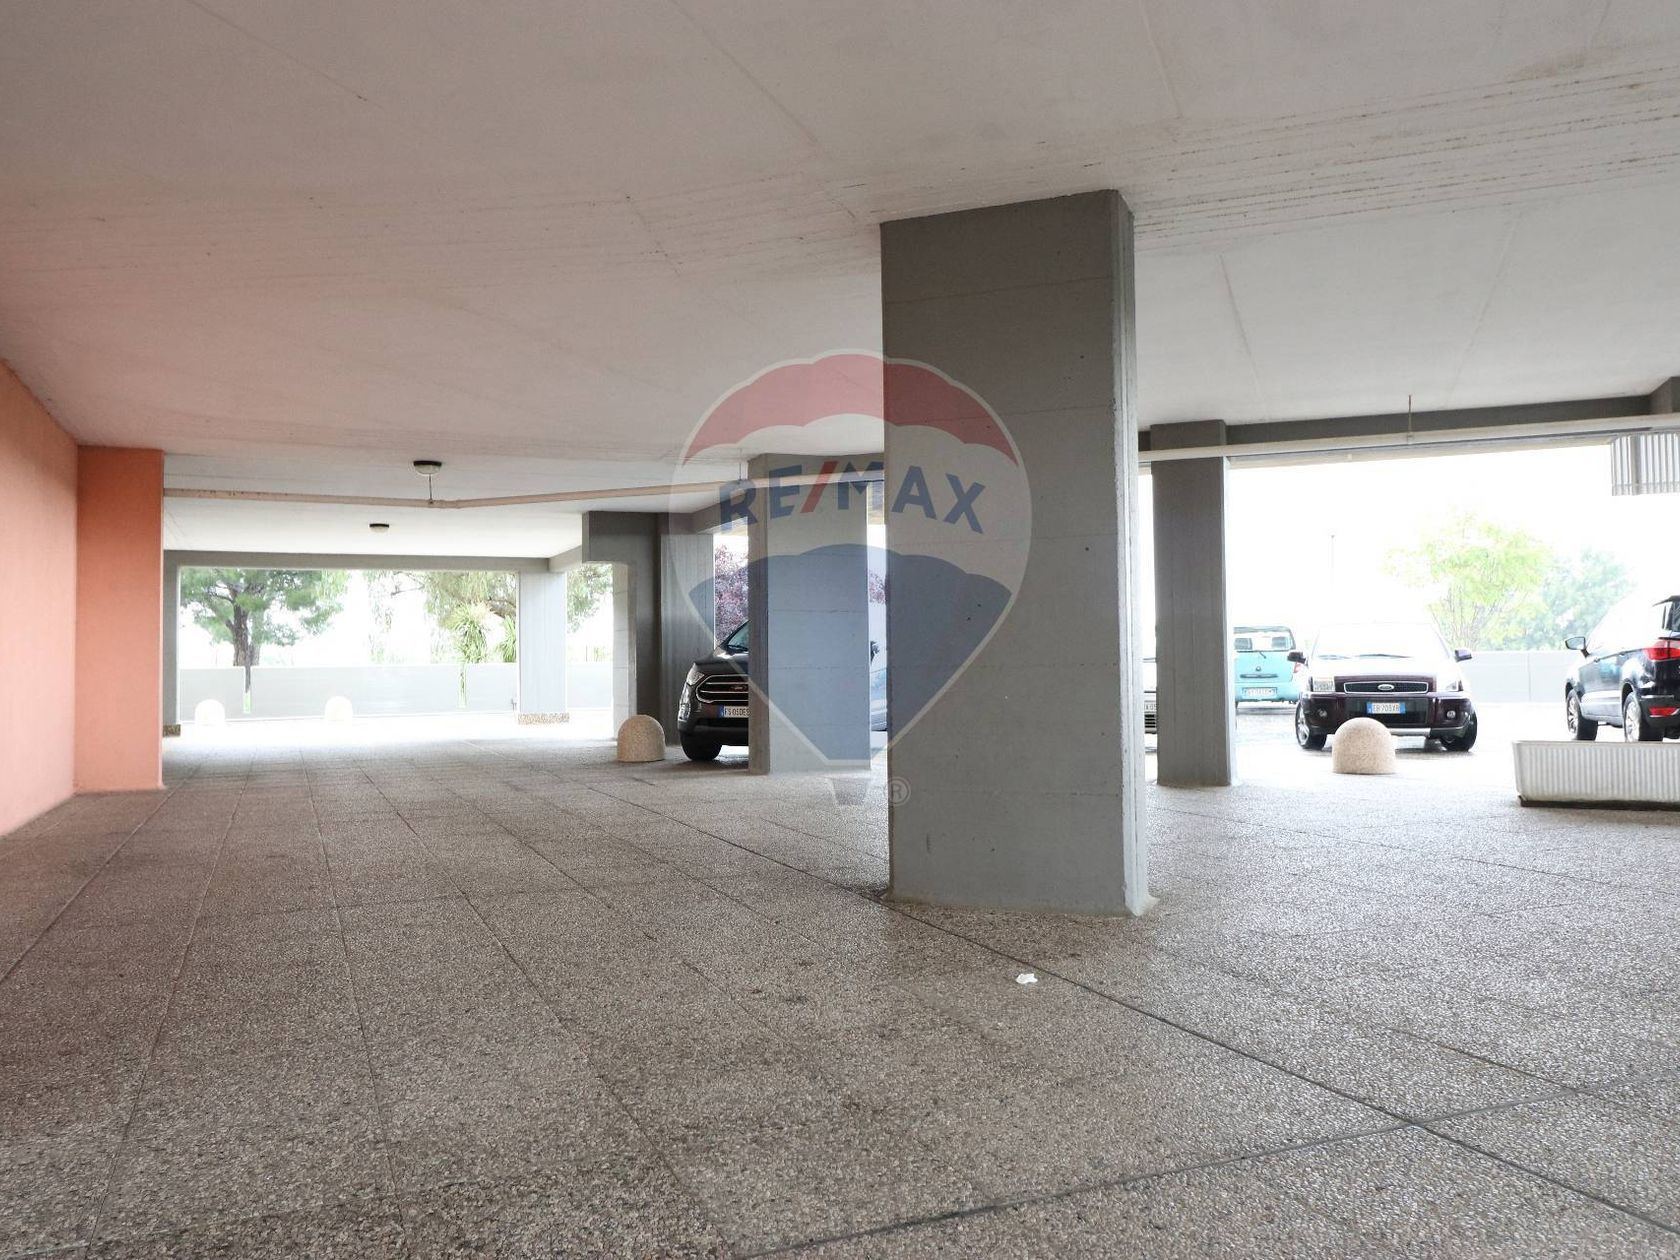 Appartamento Carbonara - Ceglie, Bari, BA Vendita - Foto 13